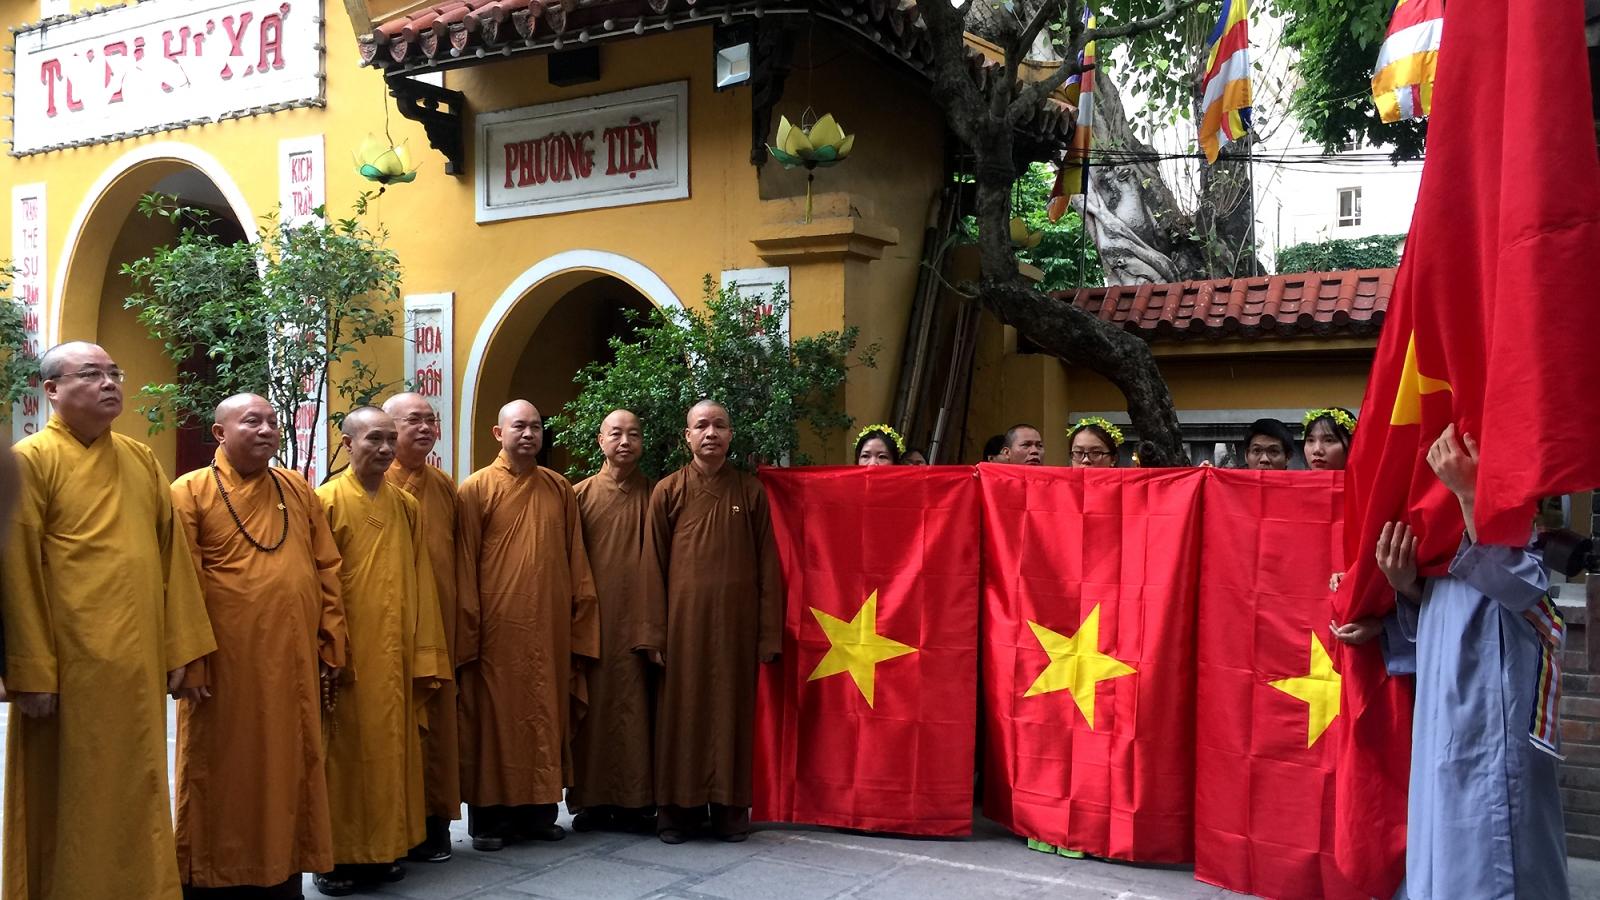 Trao tặng cờ Tổ quốc tới Giáo hội Phật giáo Việt Nam